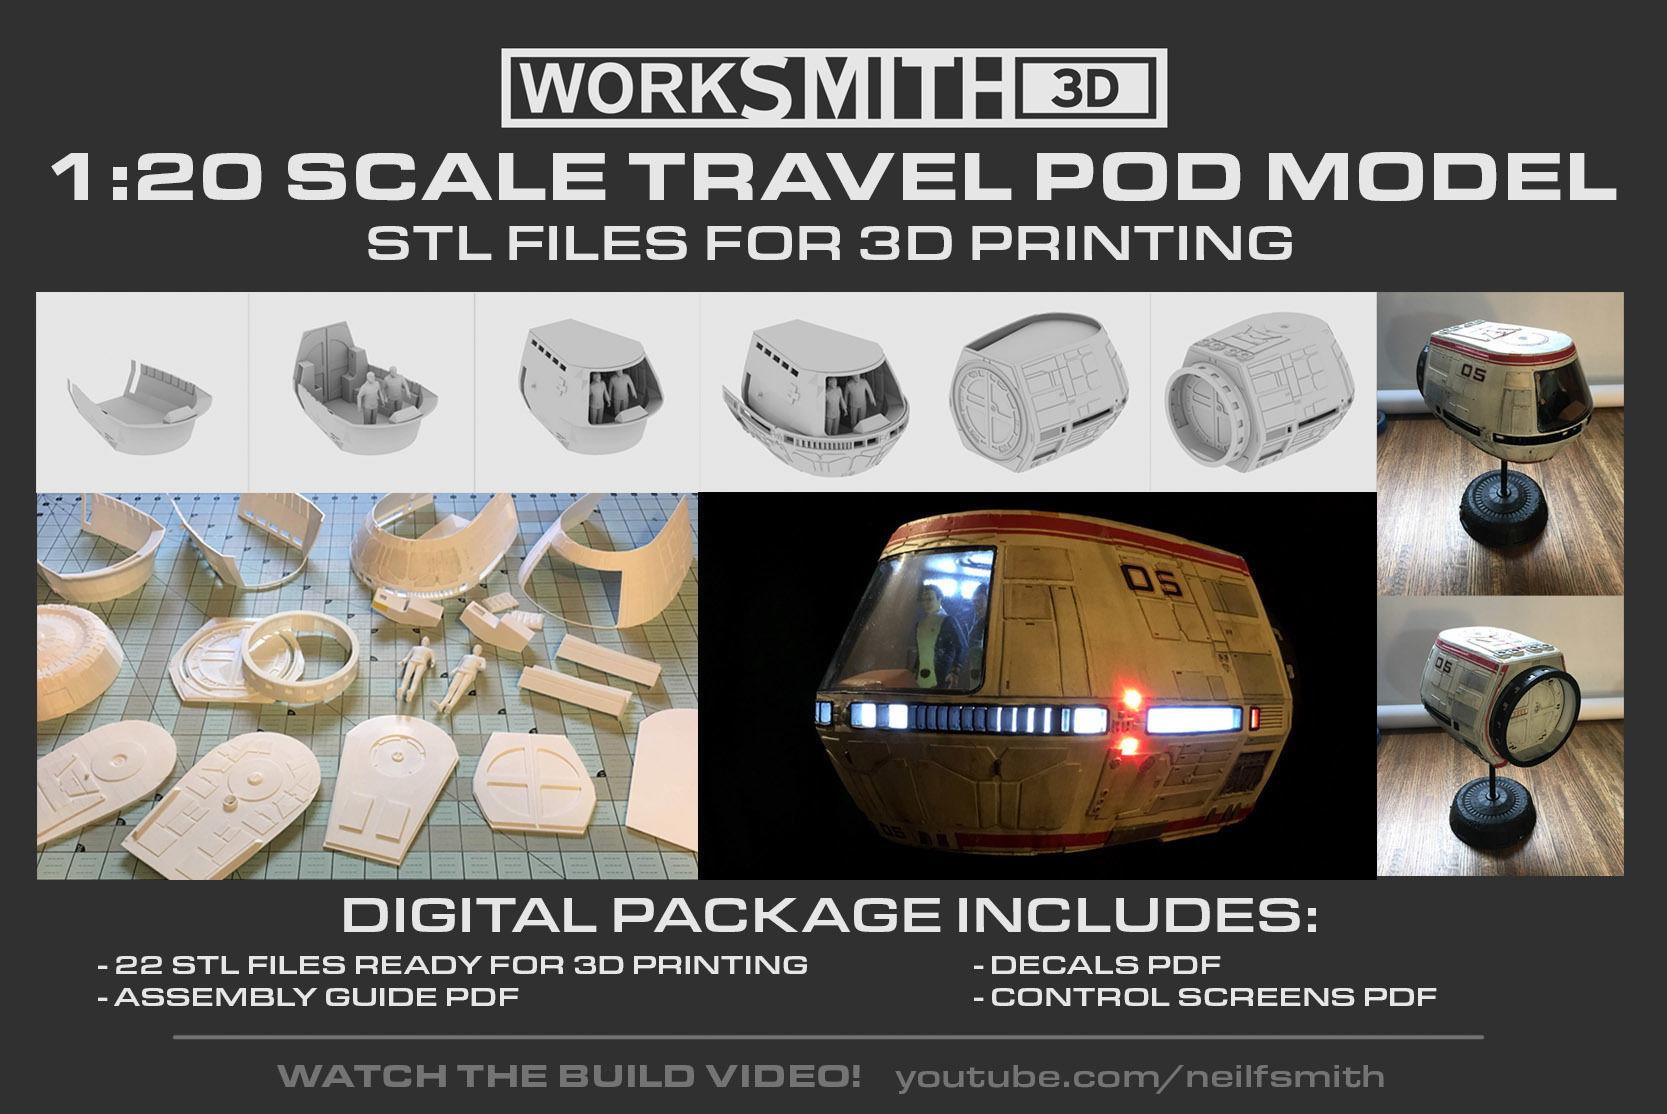 Star Trek TravelPod model kit